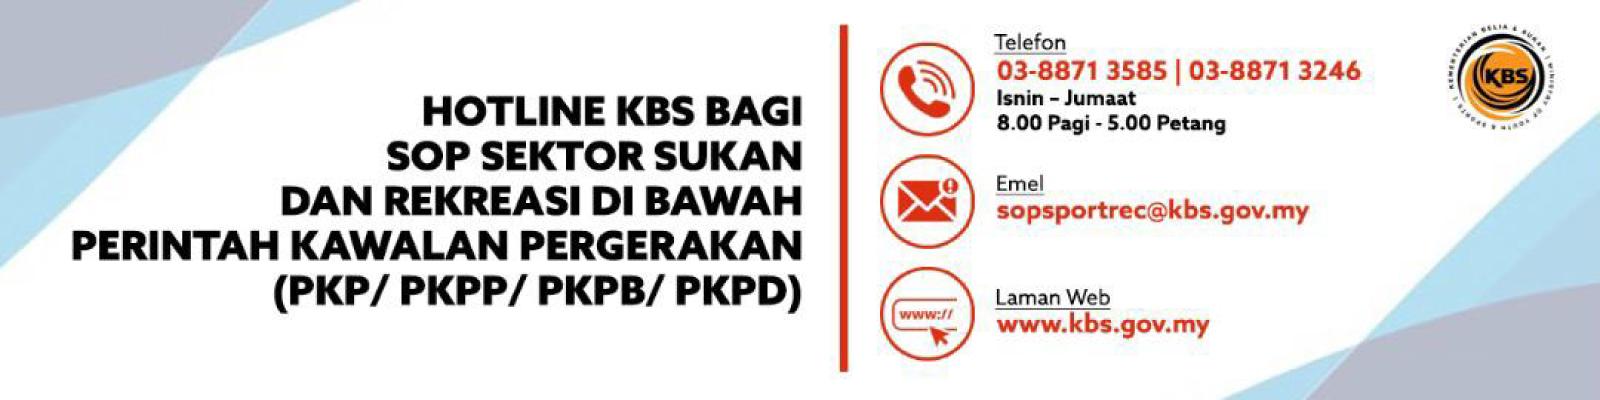 banner-hotline-e.jpg